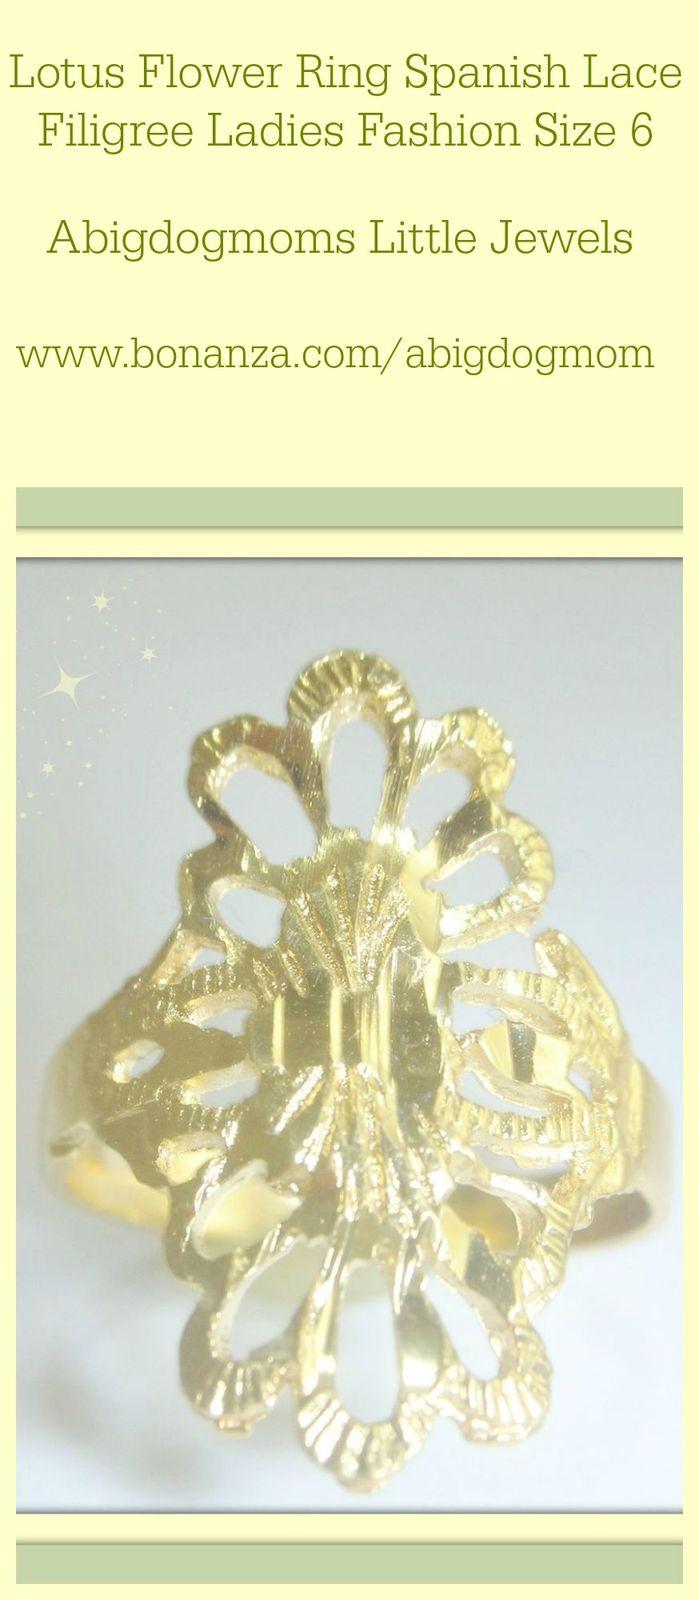 Lotus Flower Ring Spanish Lace Filigree Ladies Fashion Size 6